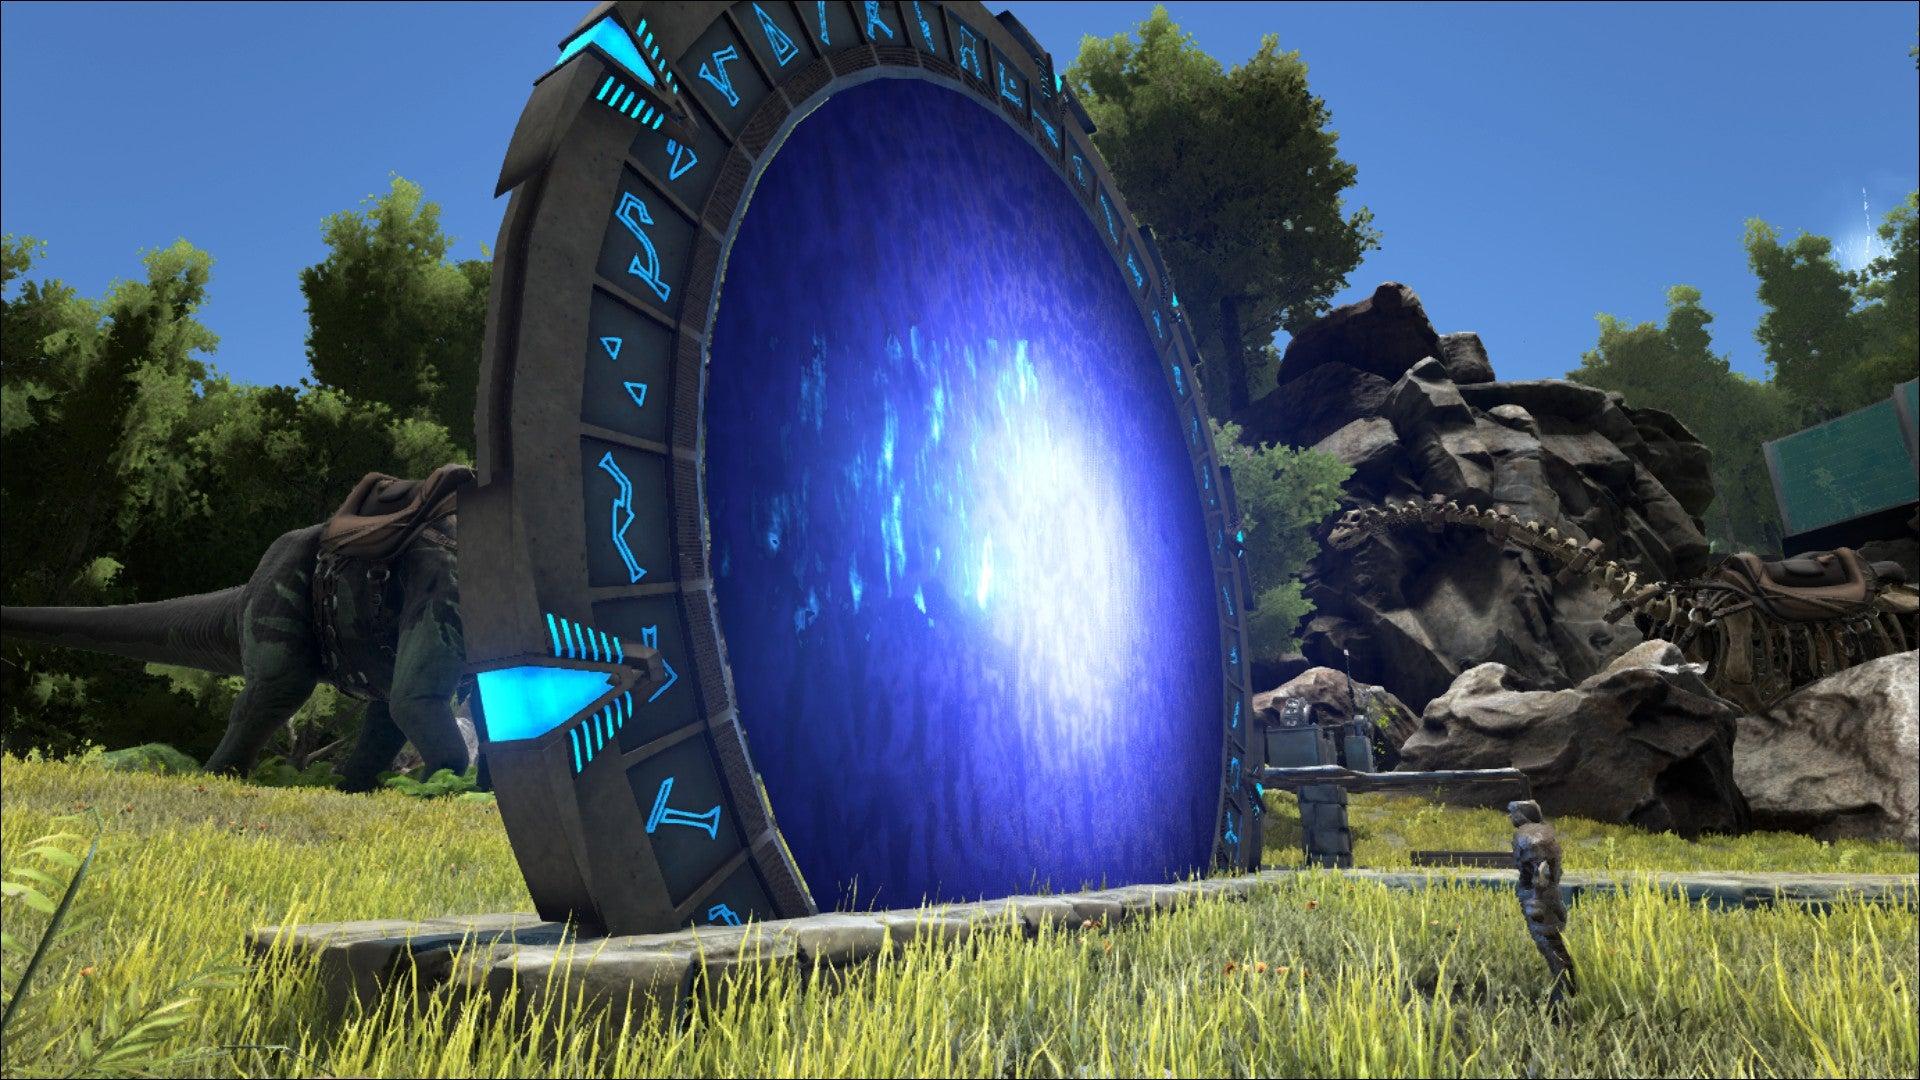 Image for ARK: Survival Evolved mod adds Stargate Atlantis portals